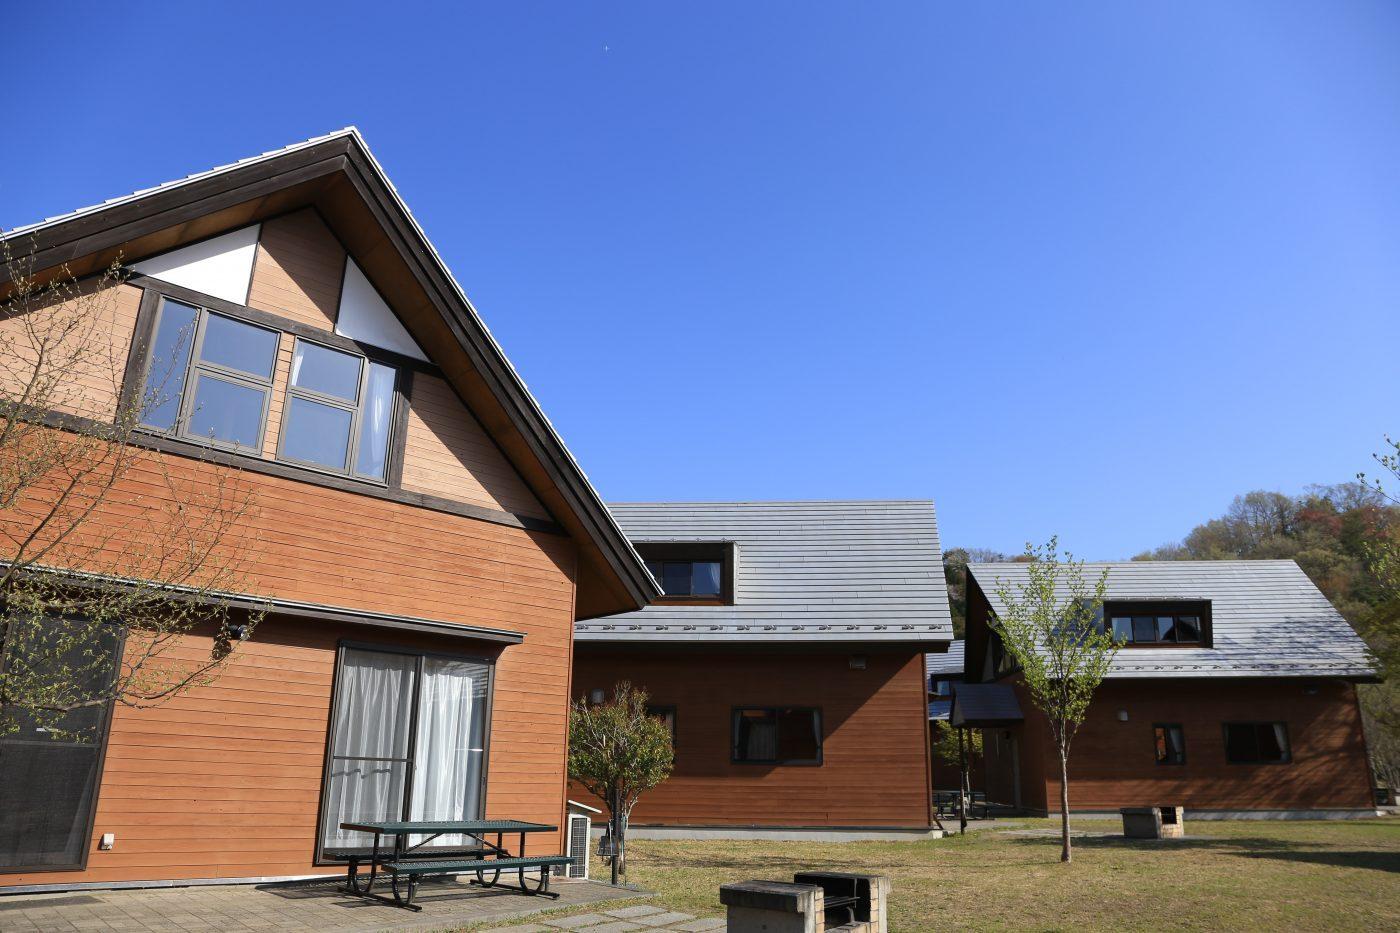 コテージは宿泊するための道具が一通り揃っている宿泊施設のこと。